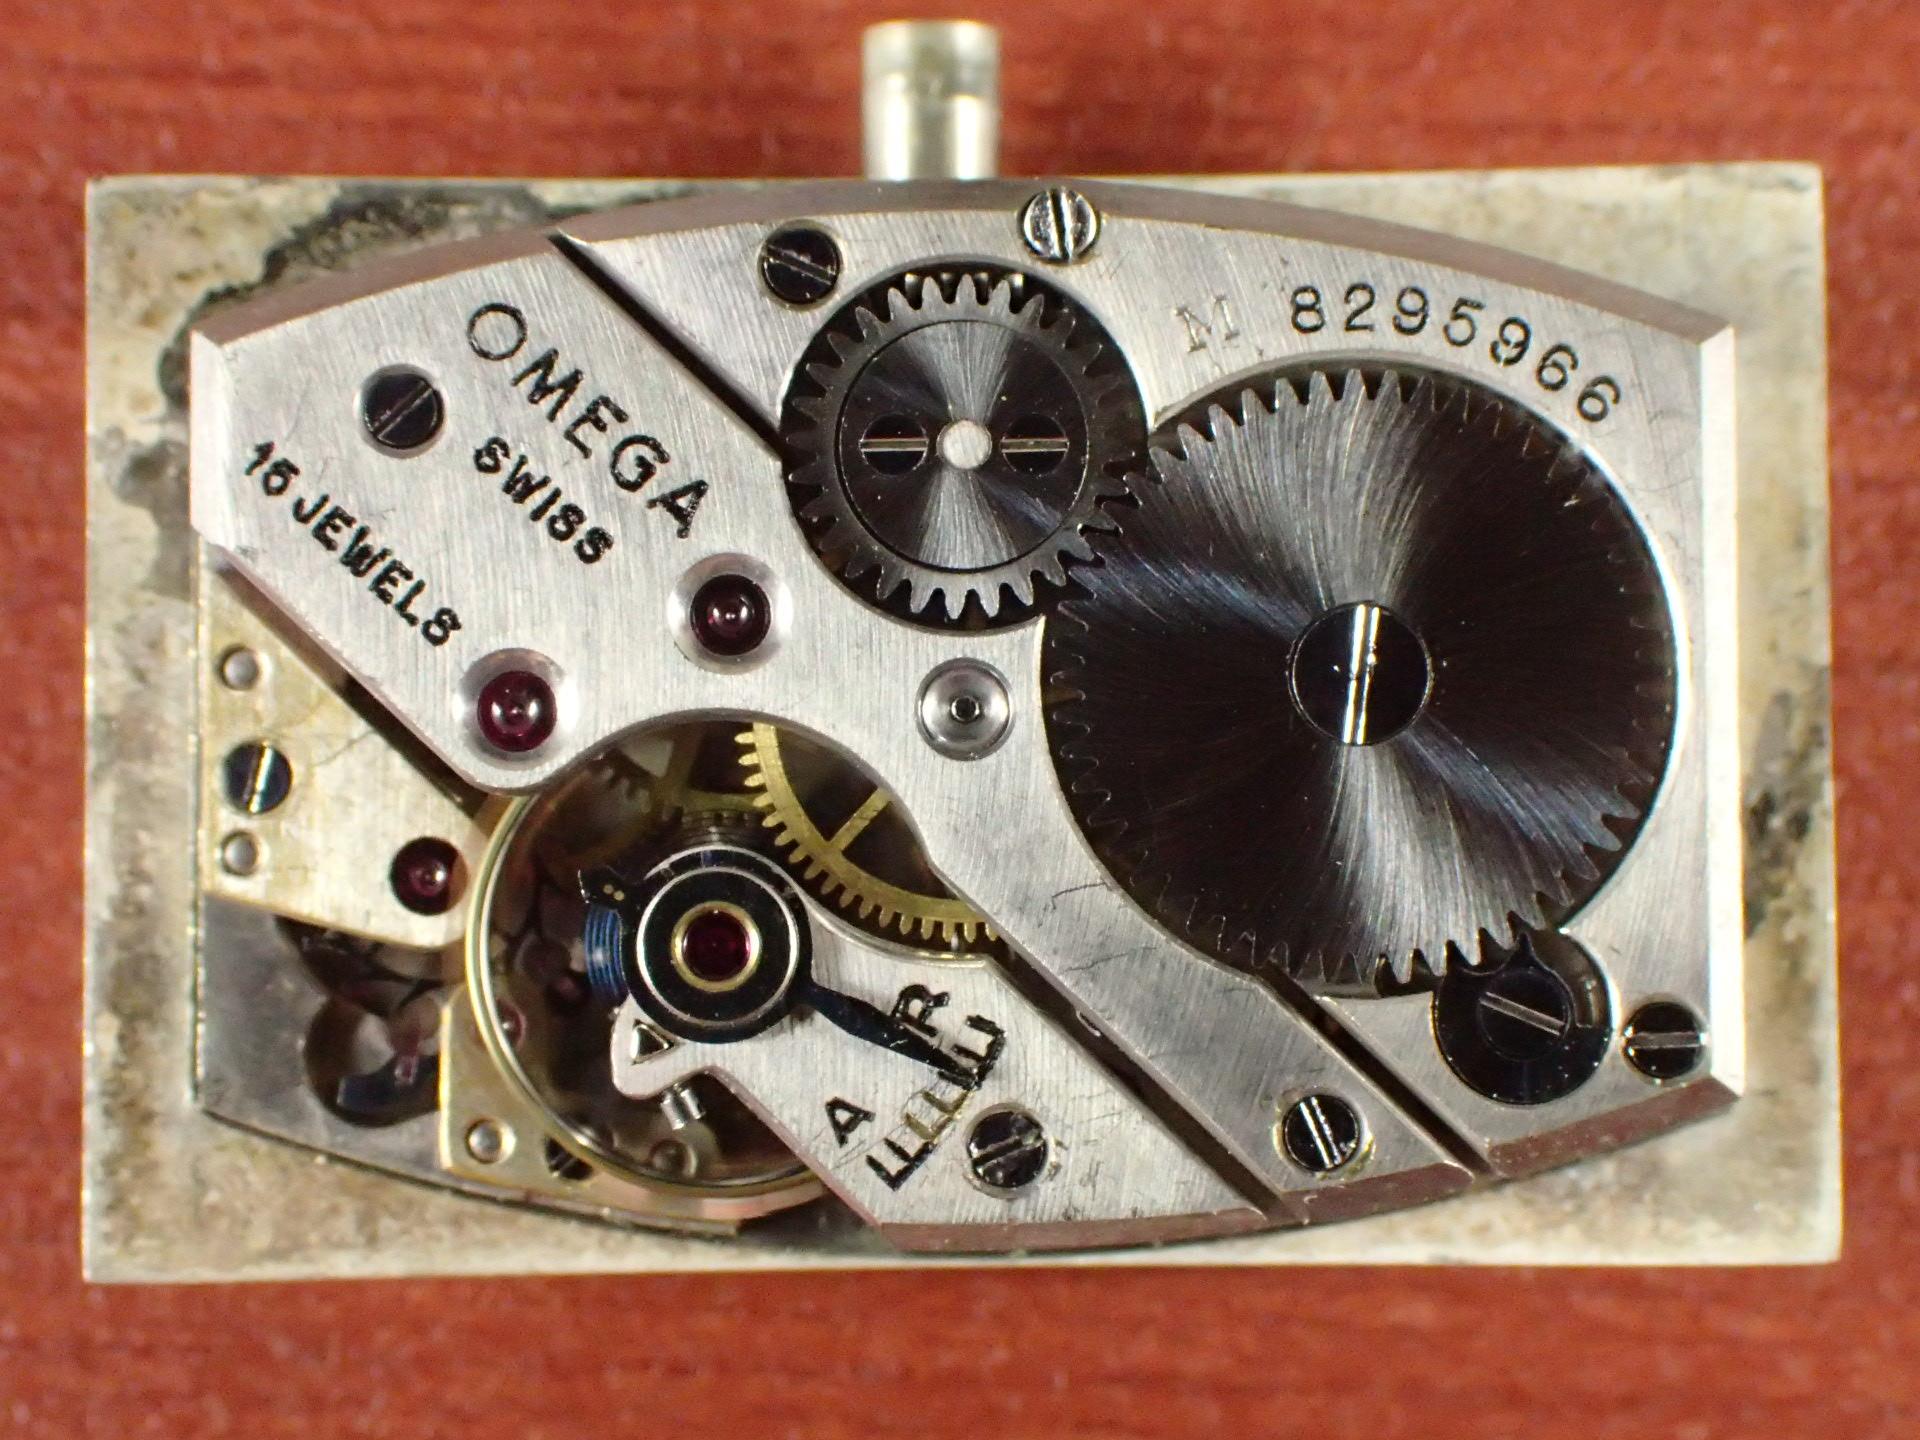 オメガ レクタンギュラー デコダイアル キャリバーT17 1930年代の写真5枚目